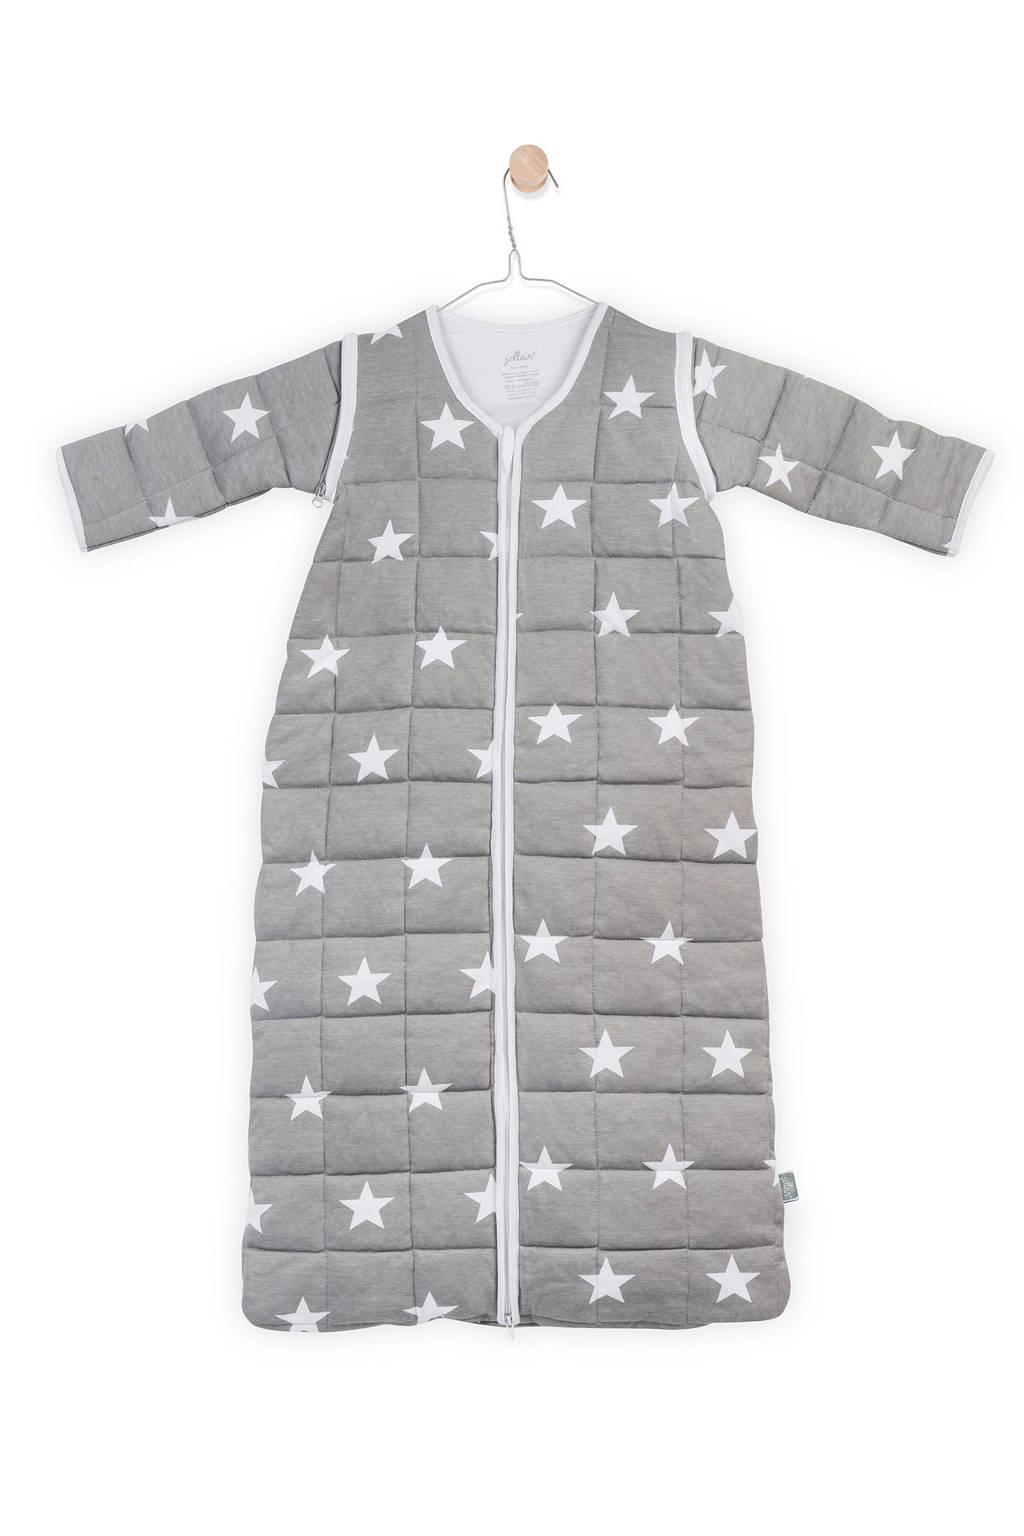 Jollein Little Star 4-seizoenen baby slaapzak 18-24 mnd grijs, Grijs, 110